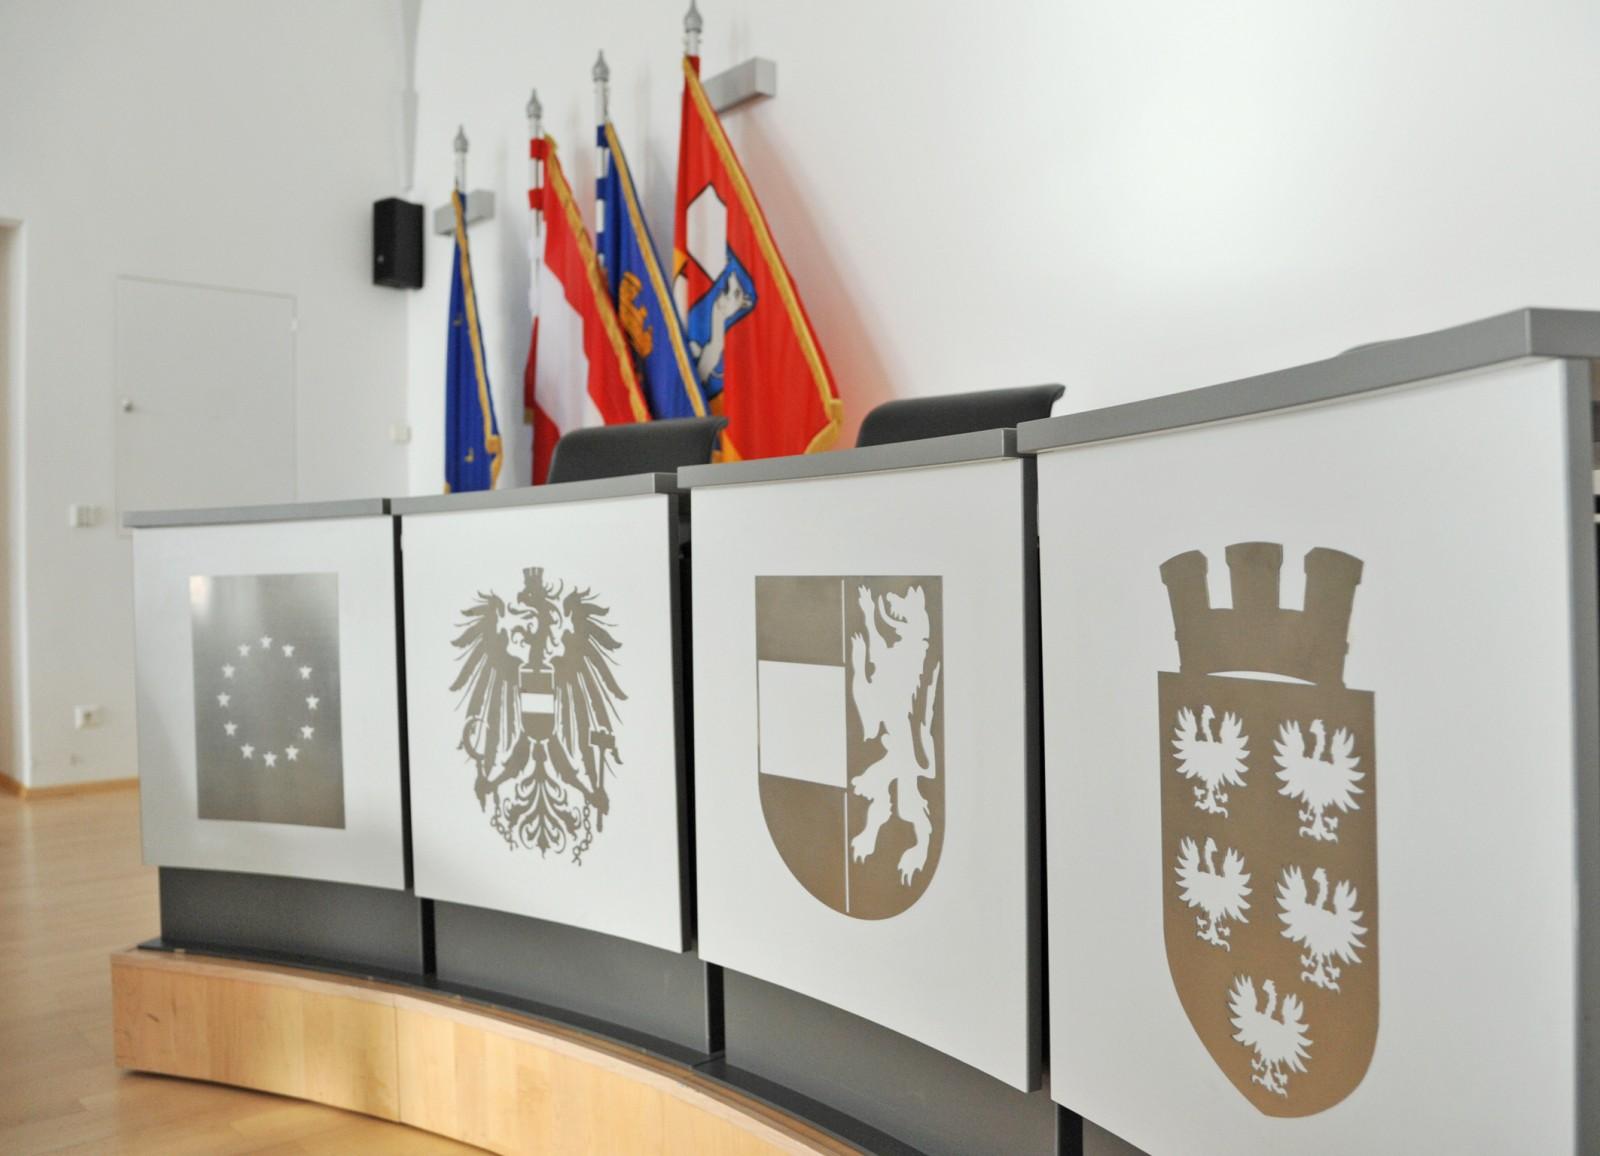 Beschlüsse im Stadtsenat und Gemeinderat